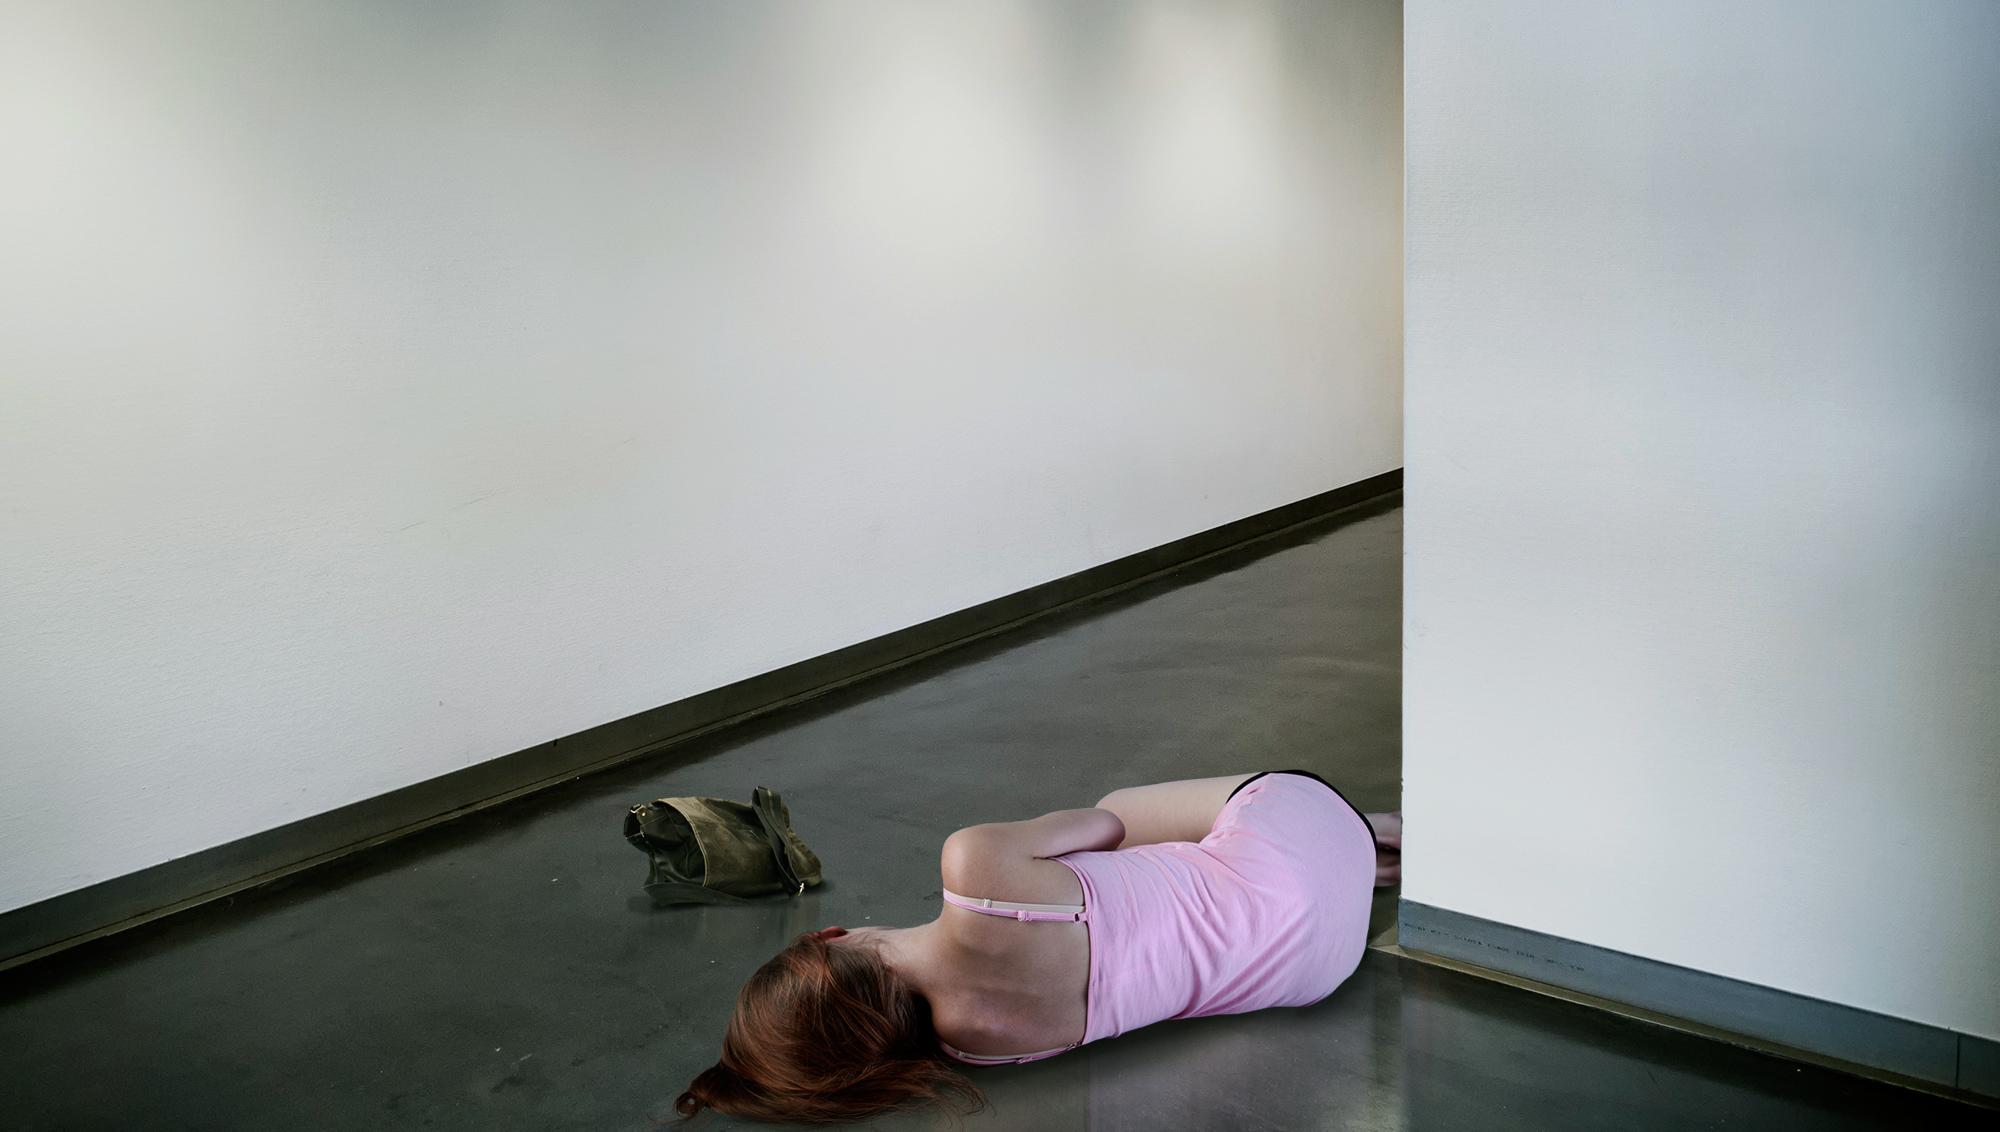 Le dicen que el suelo es lava y se queda en silencio, mirándolo, imaginando que se hunde y que todo termina al fin